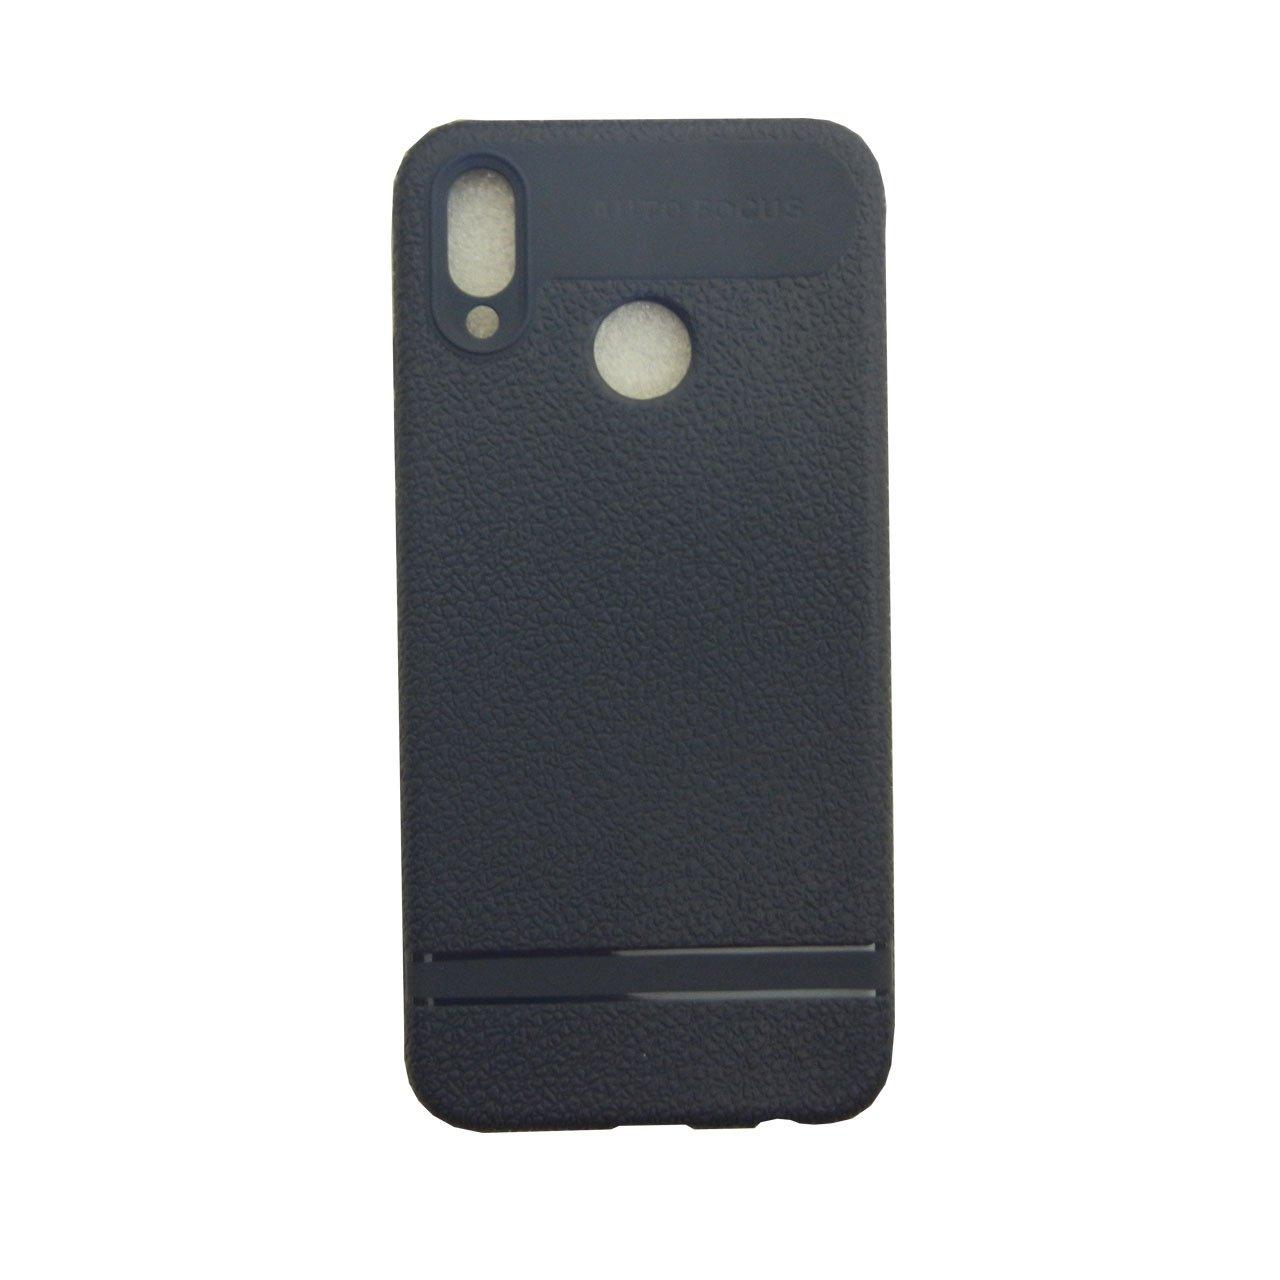 کاور موبایل مناسب برای هووایی P20 LITE